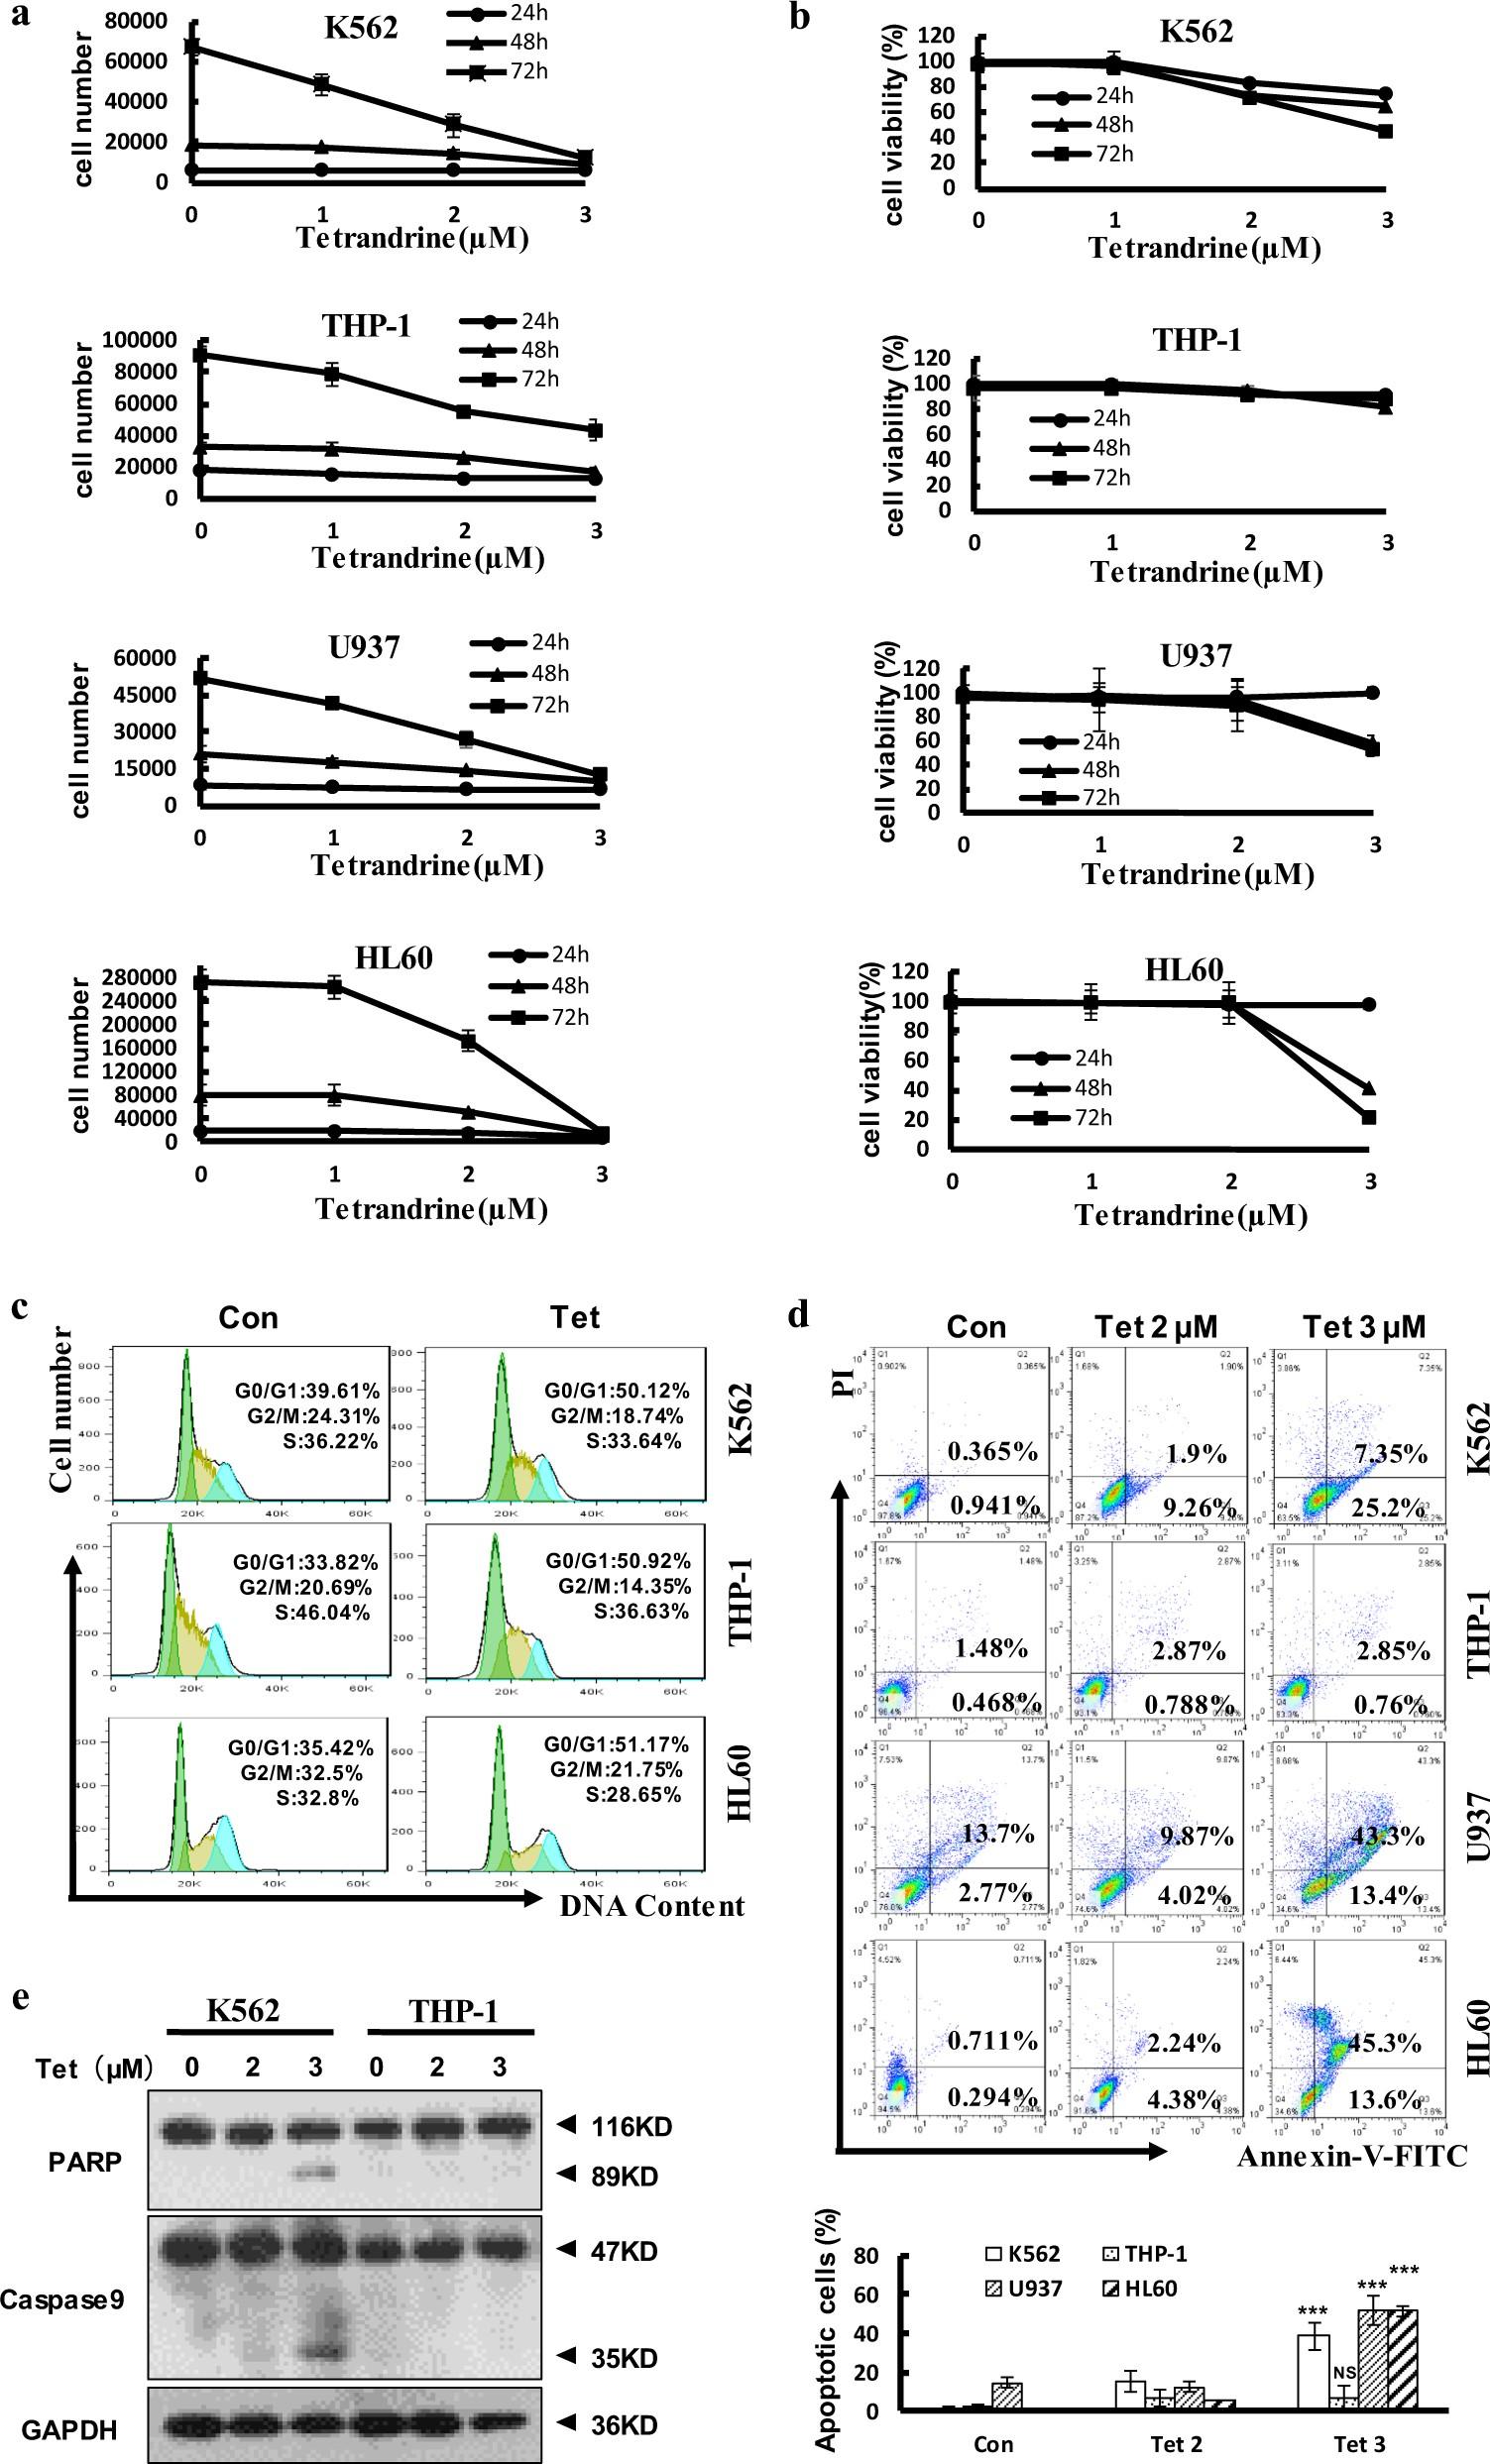 c-MYC and reactive oxygen species play roles in tetrandrine